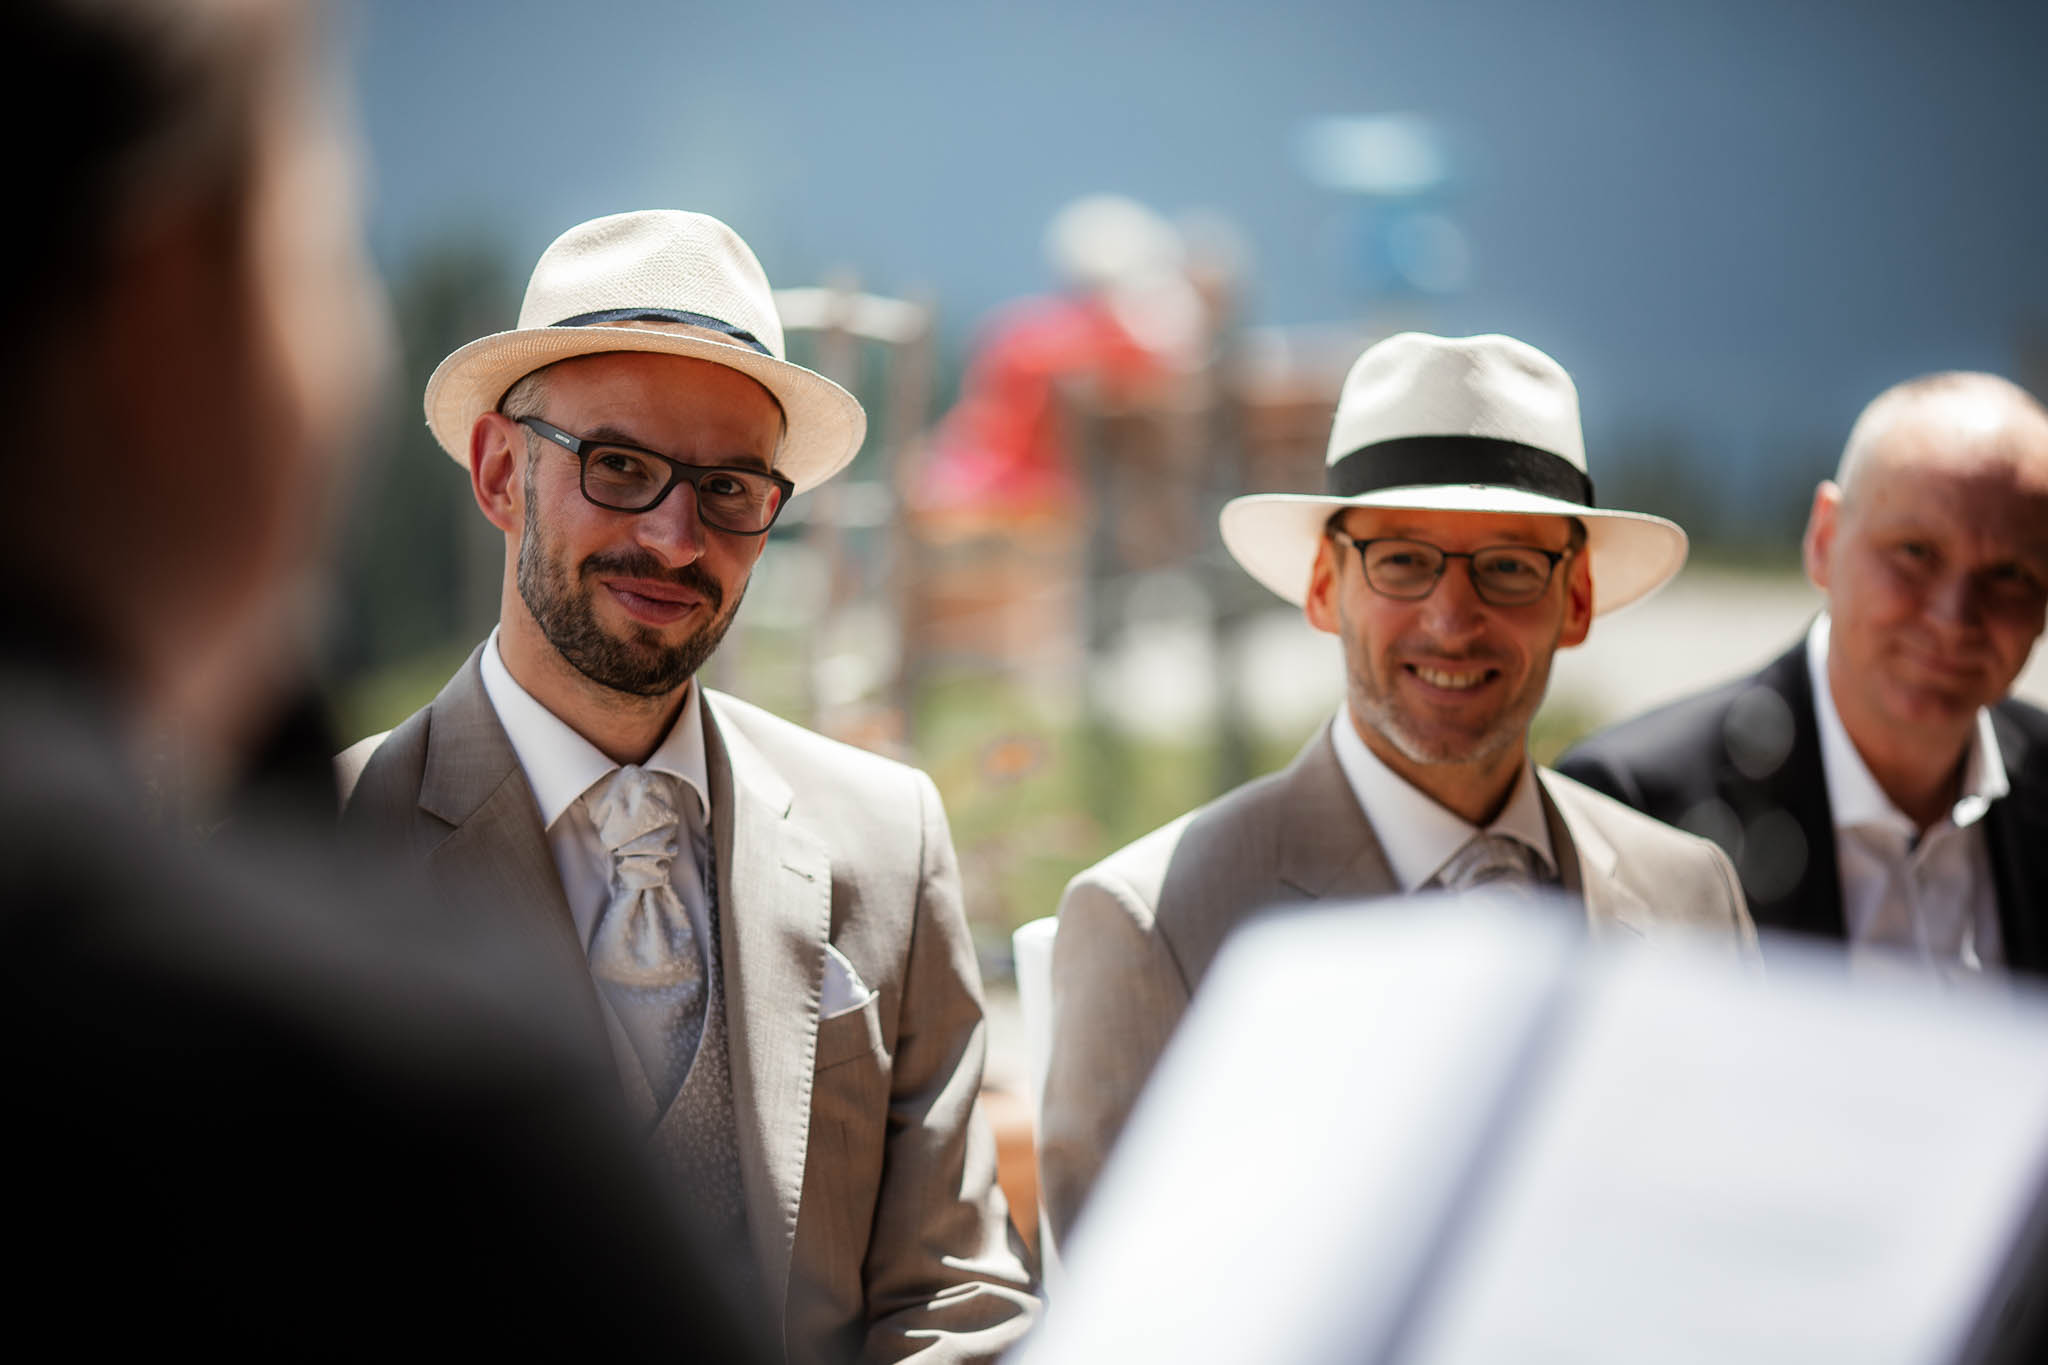 Hochzeitsfotograf Alpen, Chiemgau: freie Trauung von Dennis & Dirk 22